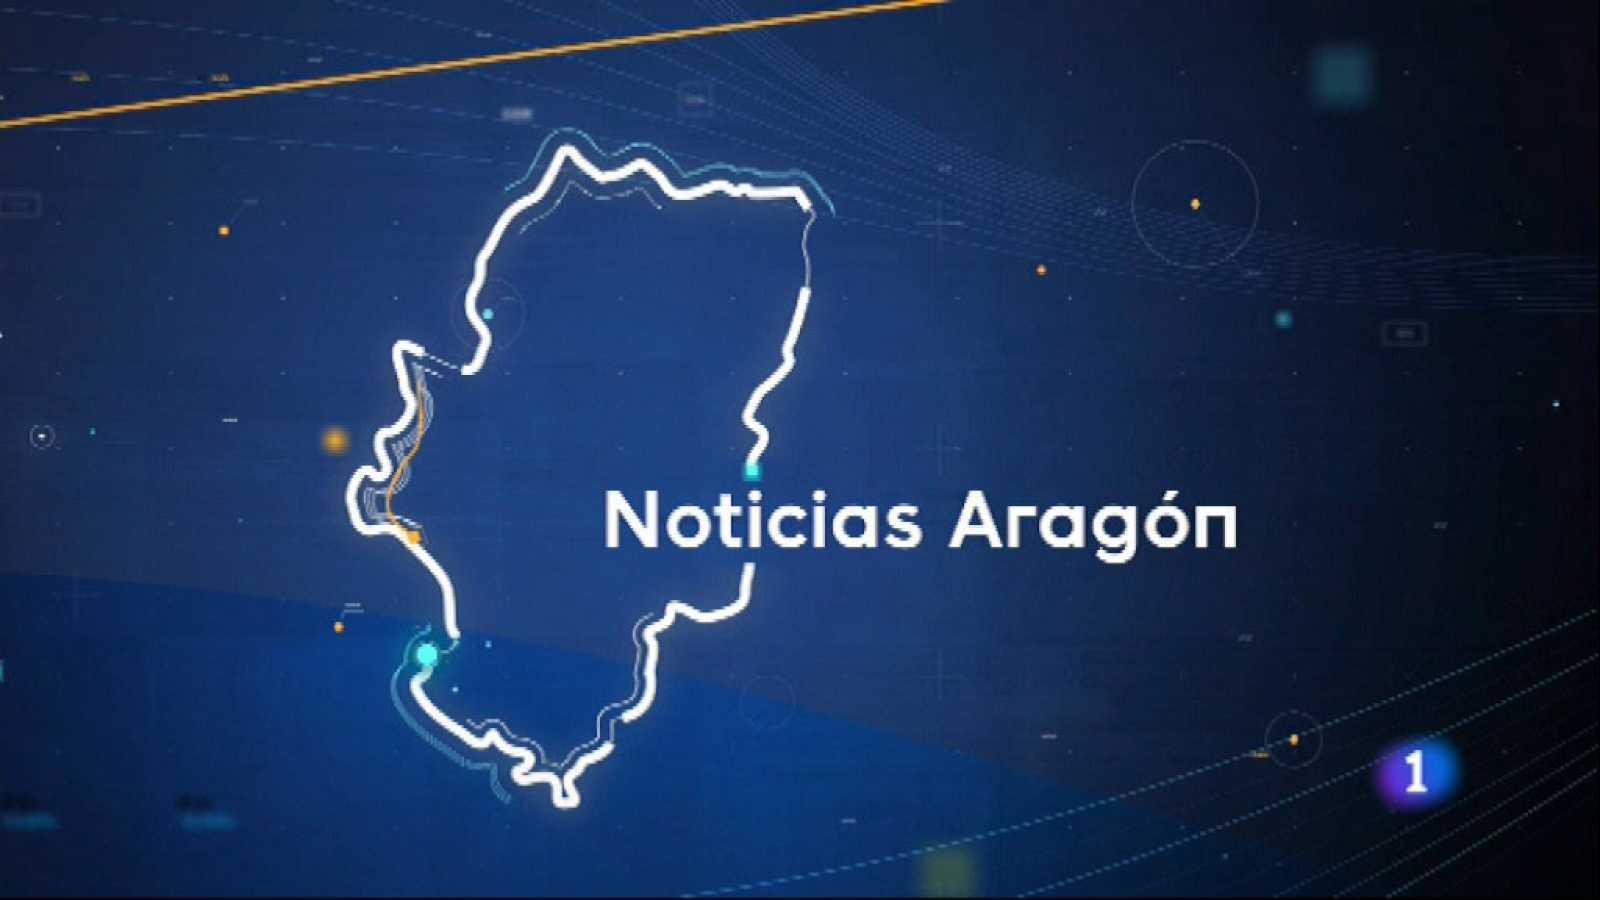 Aragón en 2 - 07/04/21 - Ver ahora